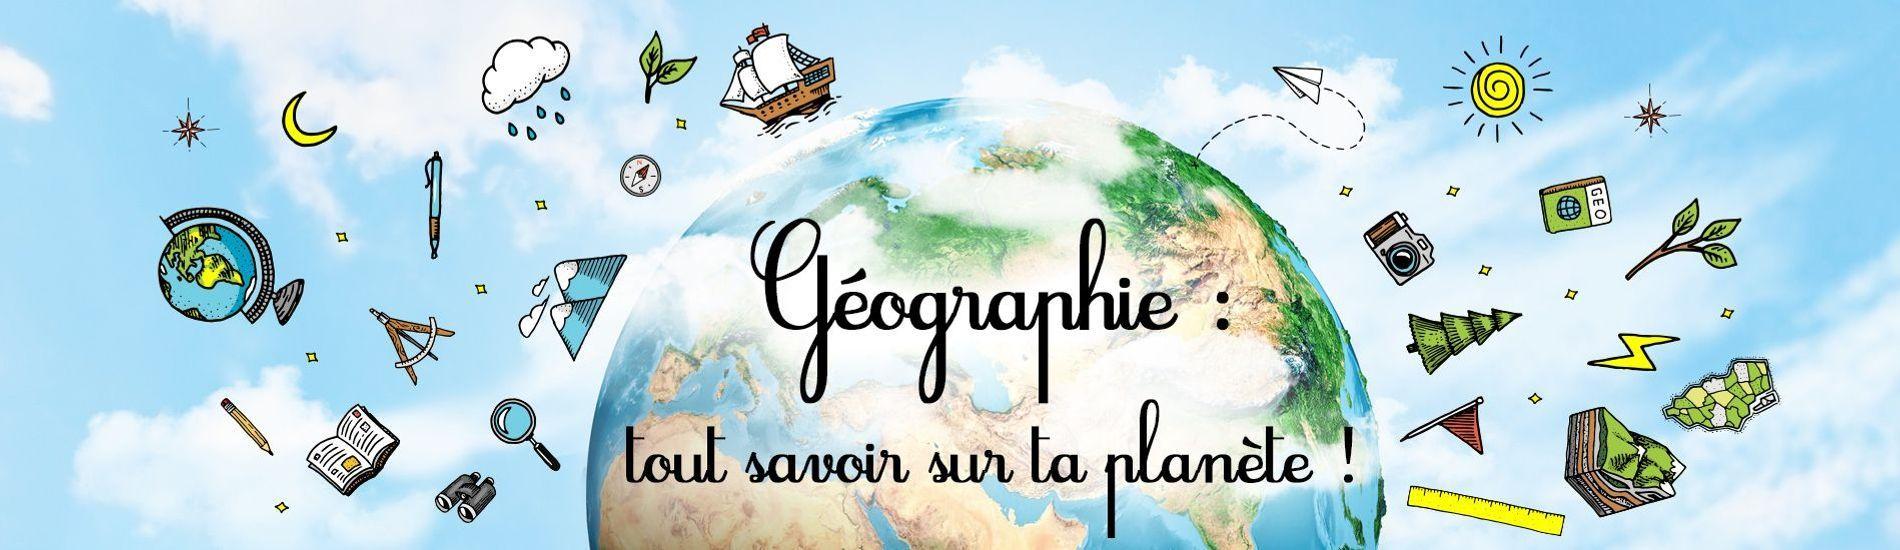 Meilleurs Jeux De Géographie Pour Enfants destiné Jeux Geographie